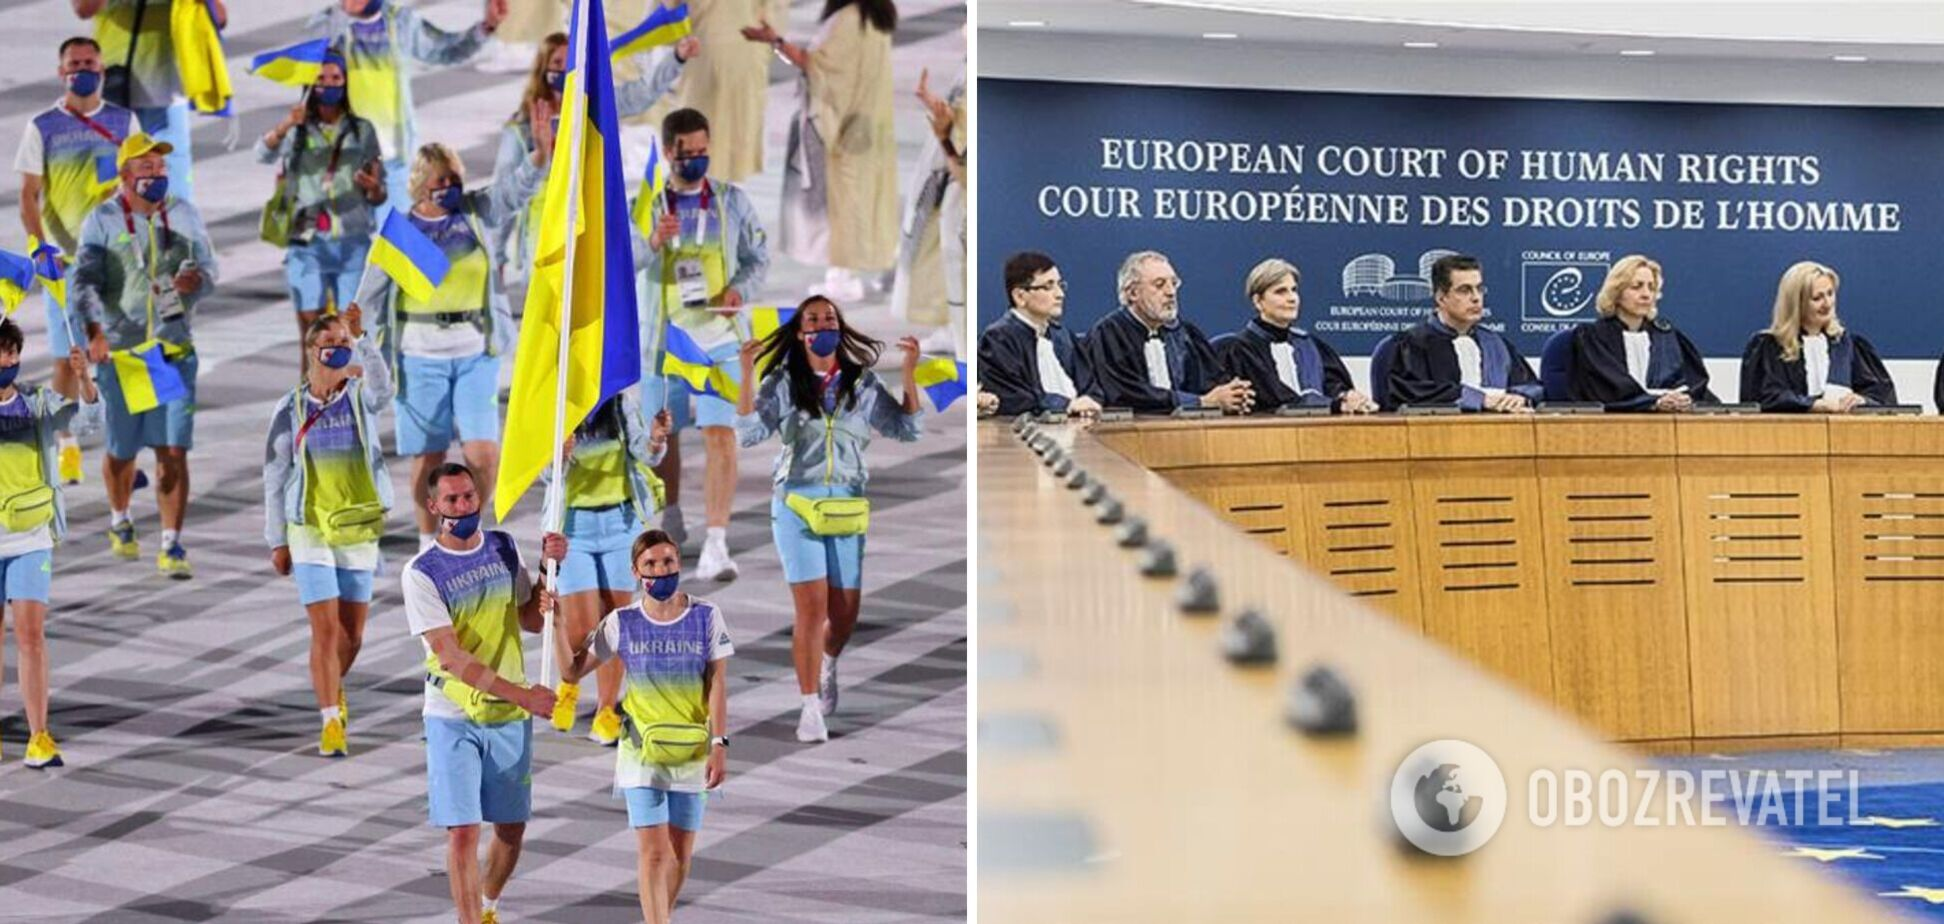 Новости Украины: Европейский суд отклонил жалобу Москвы на Киев, а Россия не показала наших спортсменов на Олимпиаде